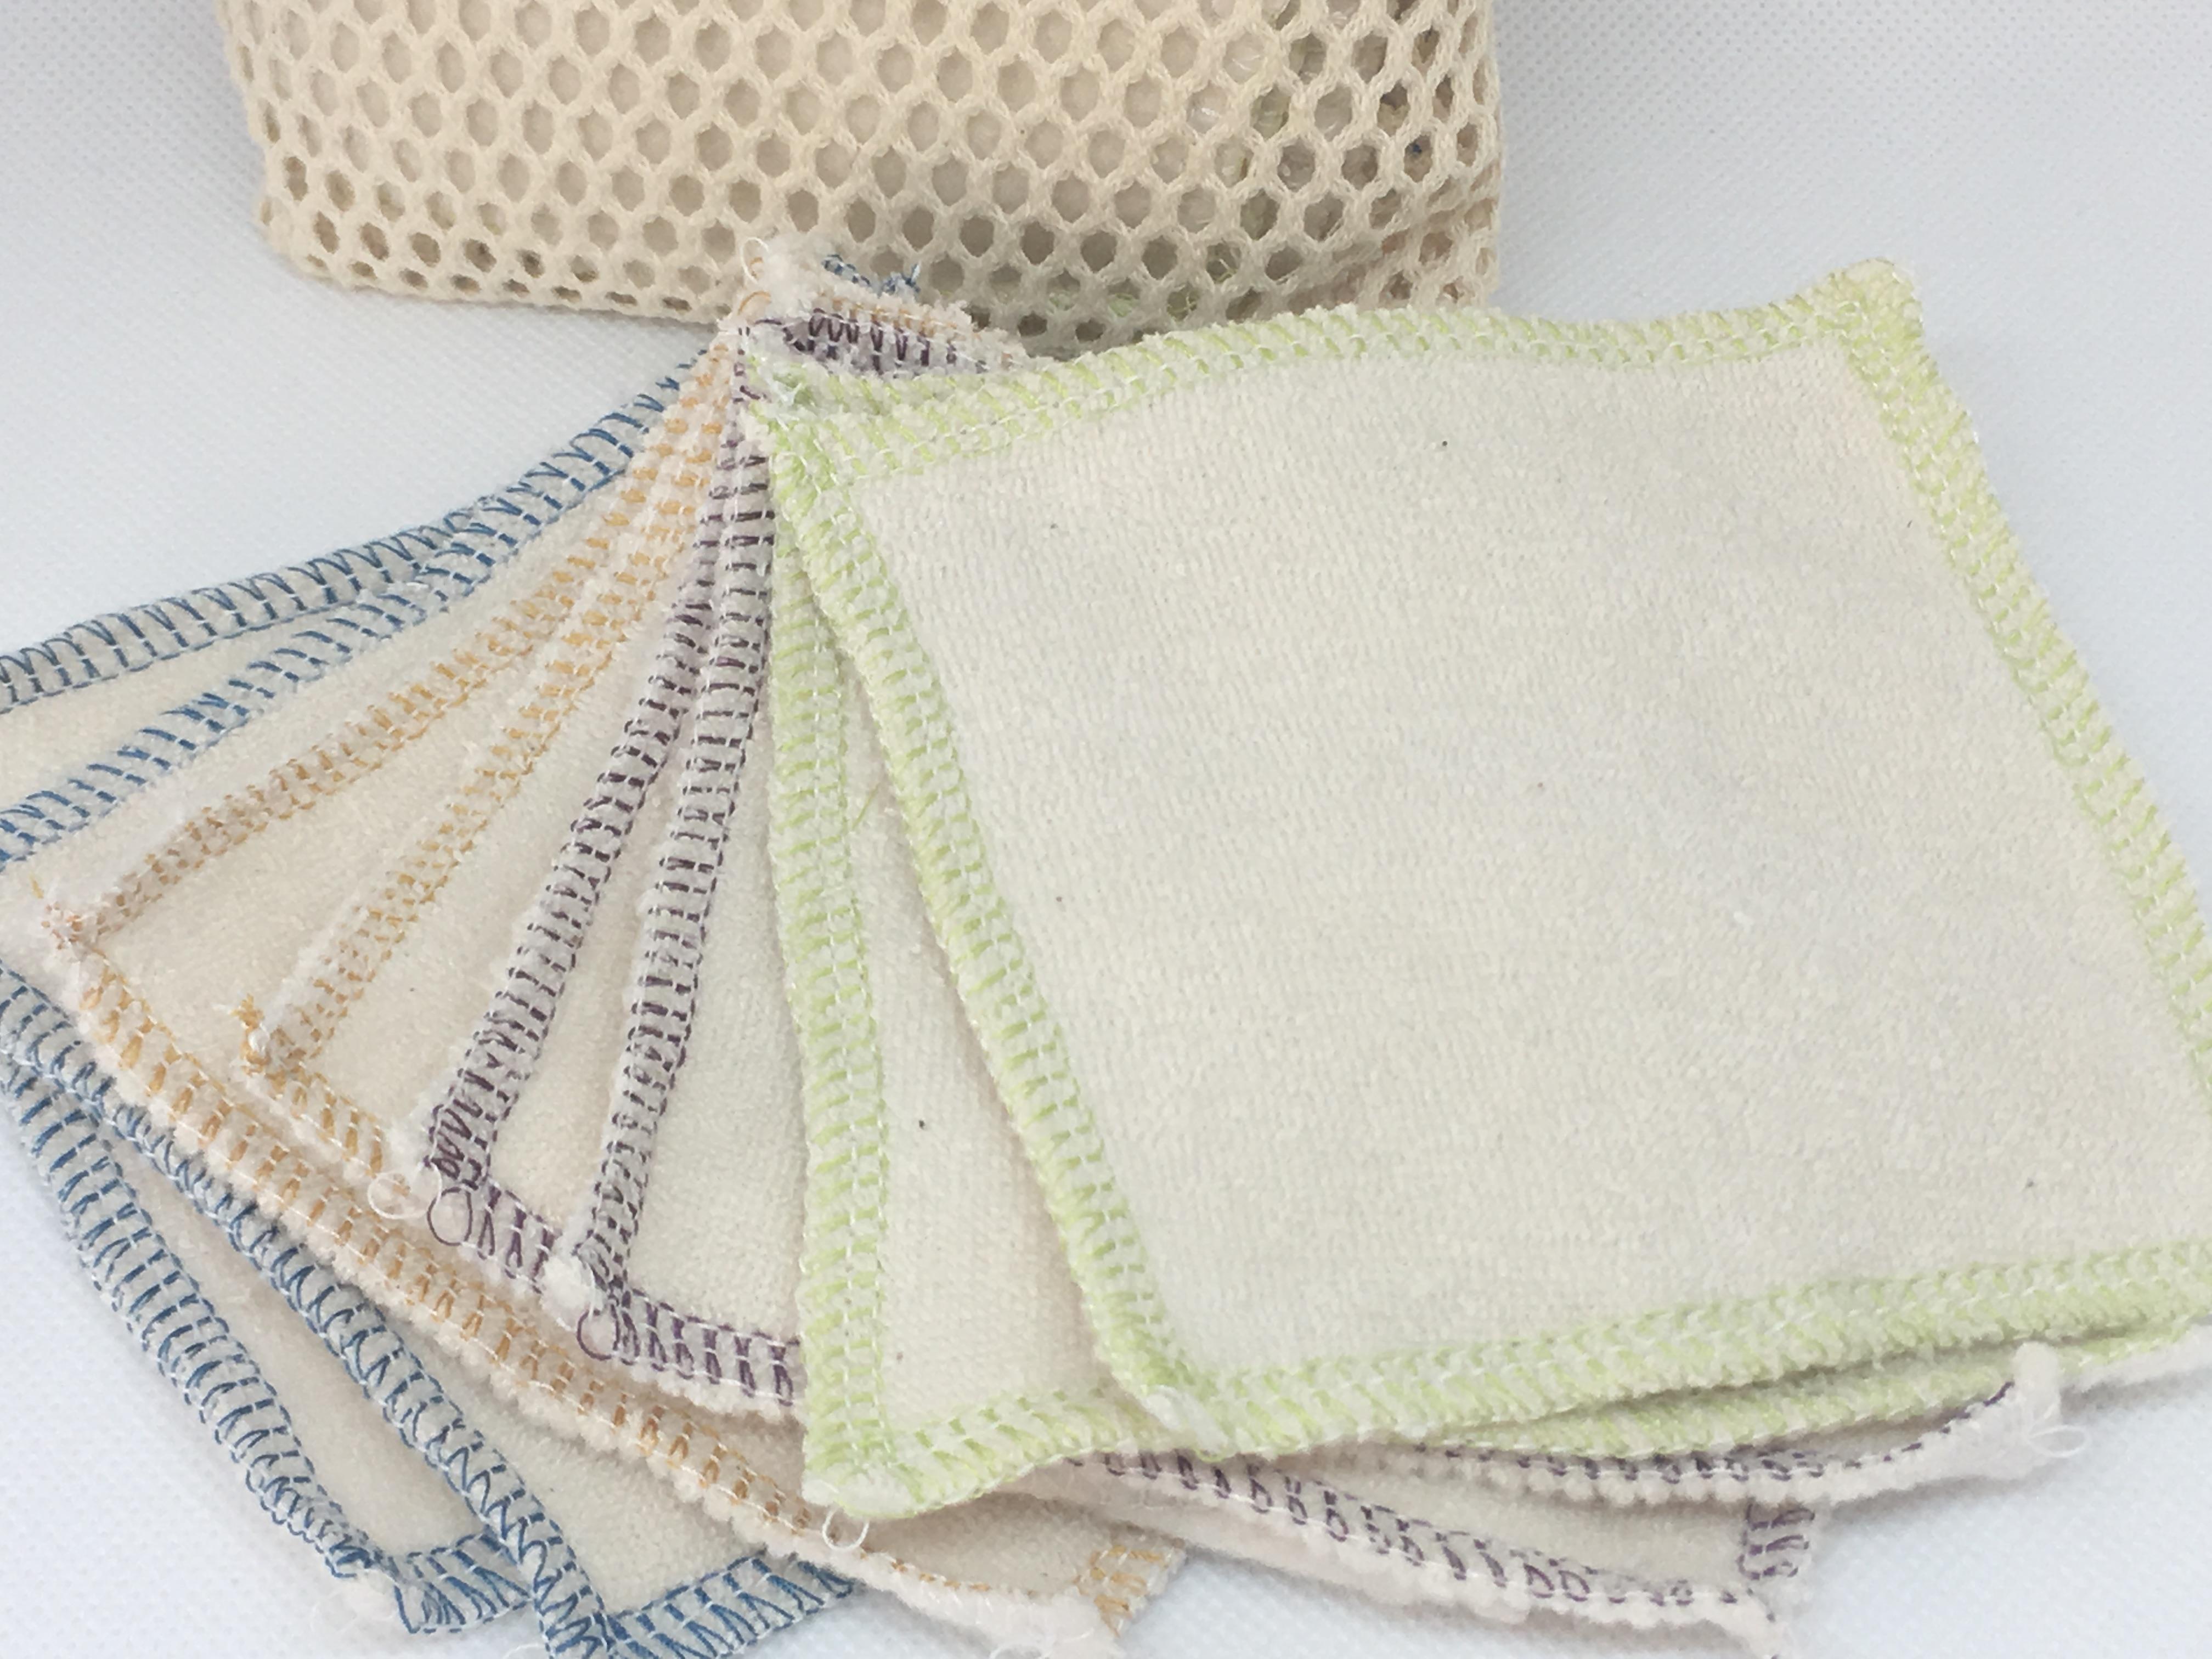 Mam EcoFit, Lunacopine, coussinets d'allaitement et carrés démaquillants Carrés démaquillants (bi-face) lavables en coton bio